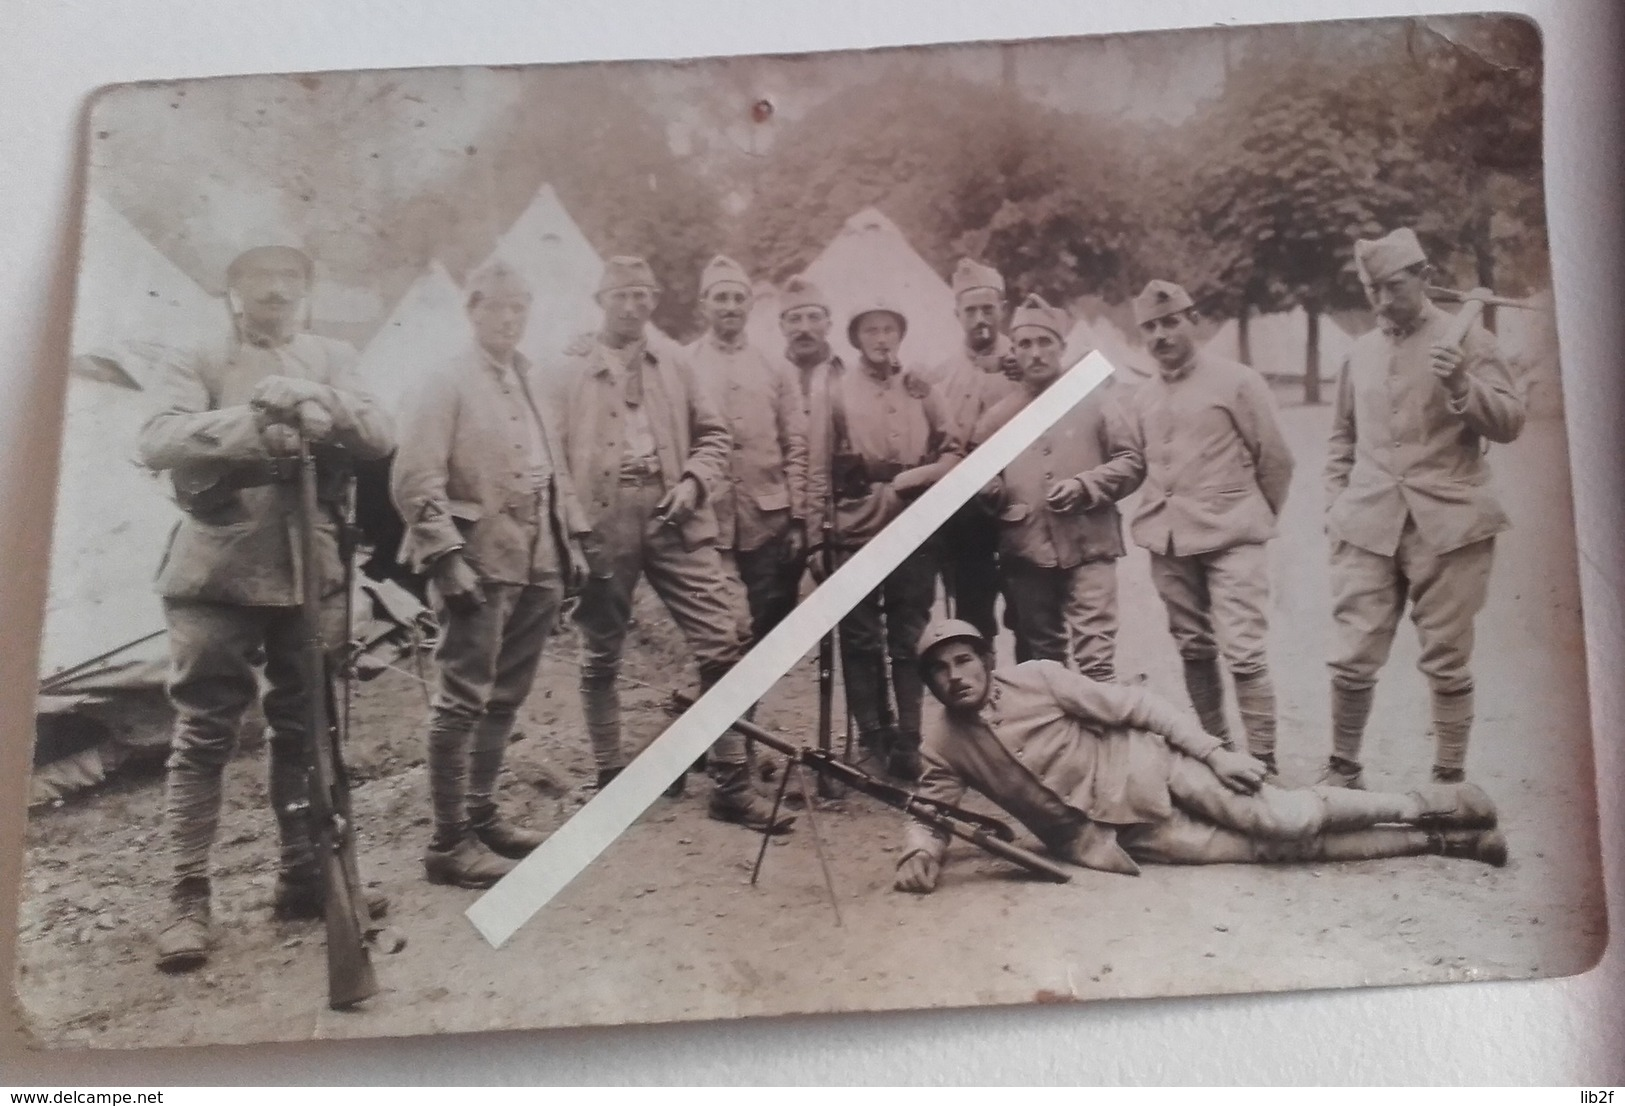 1917 1918 Infanterie 46 Eme Régiment Groupe De Combat Fm Chauchat Berthier 07/15 Tranchée Poilus 1914 1918 WW1 - War, Military